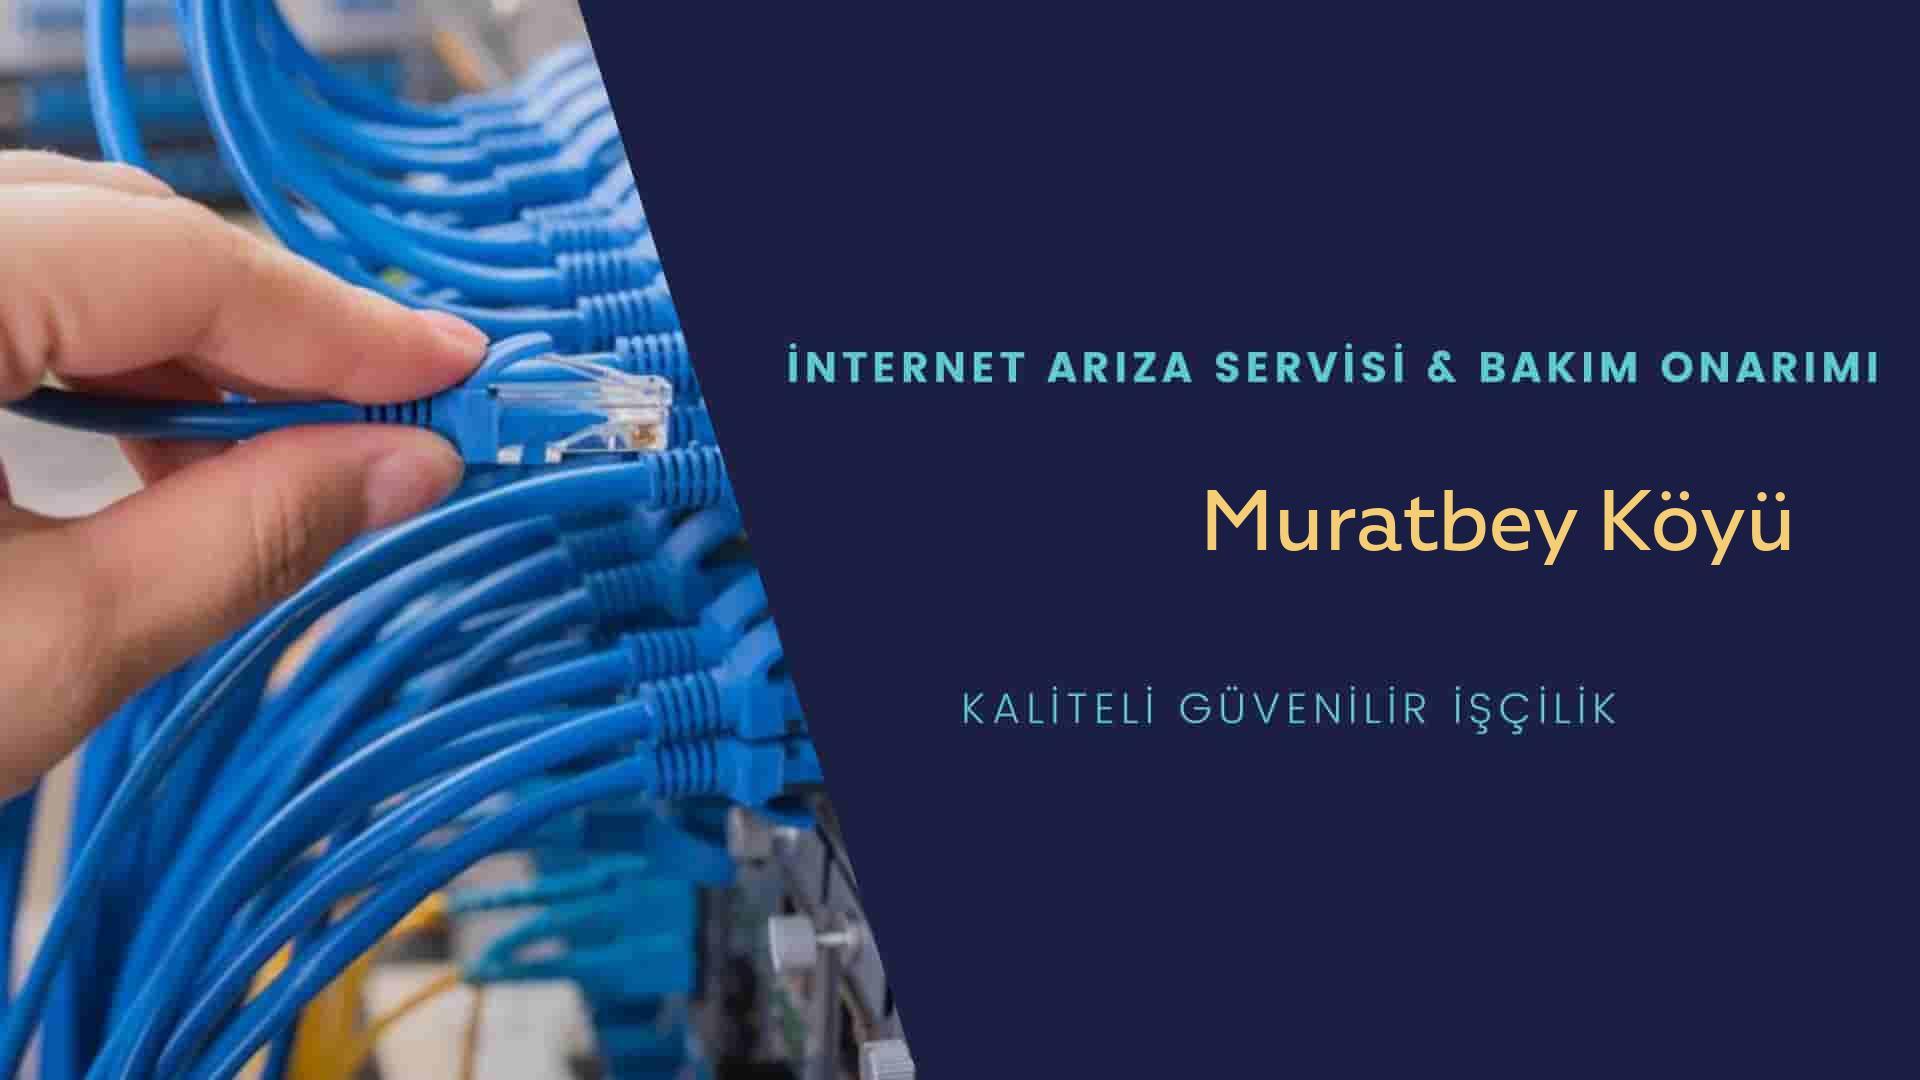 Muratbey Köyü internet kablosu çekimi yapan yerler veya elektrikçiler mi? arıyorsunuz doğru yerdesiniz o zaman sizlere 7/24 yardımcı olacak profesyonel ustalarımız bir telefon kadar yakındır size.